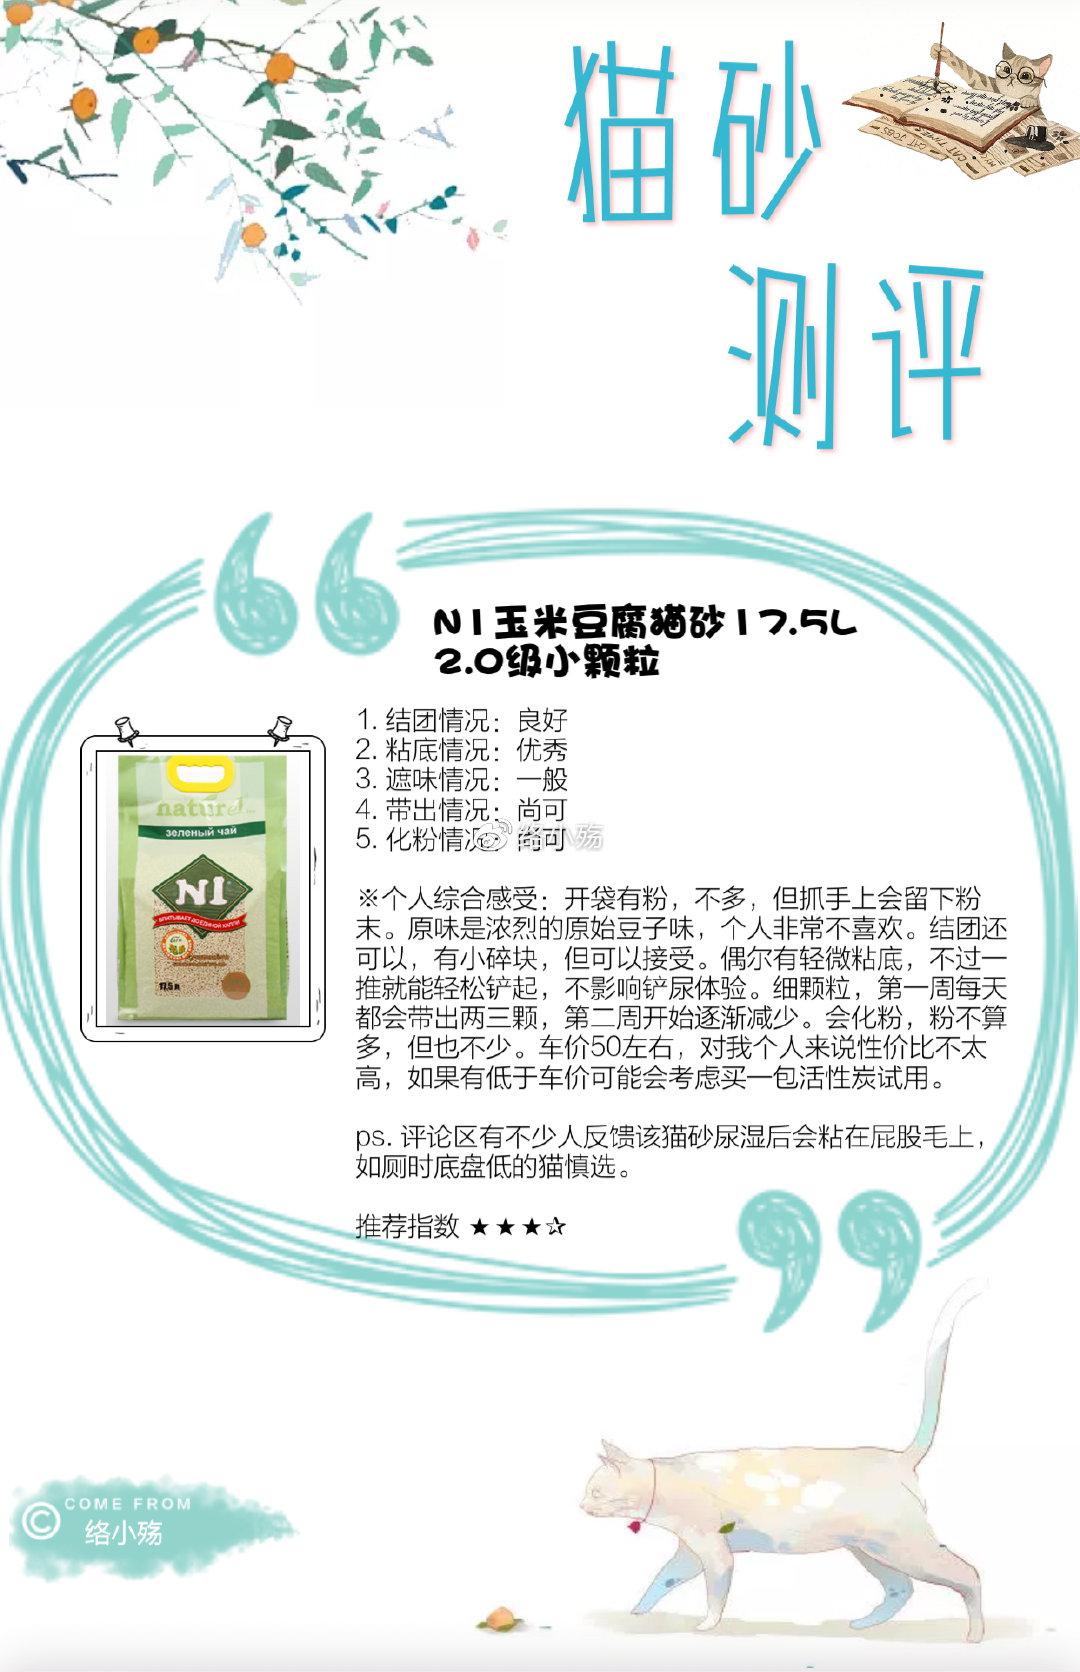 N1玉米豆腐砂17.5L 2.0级小颗粒